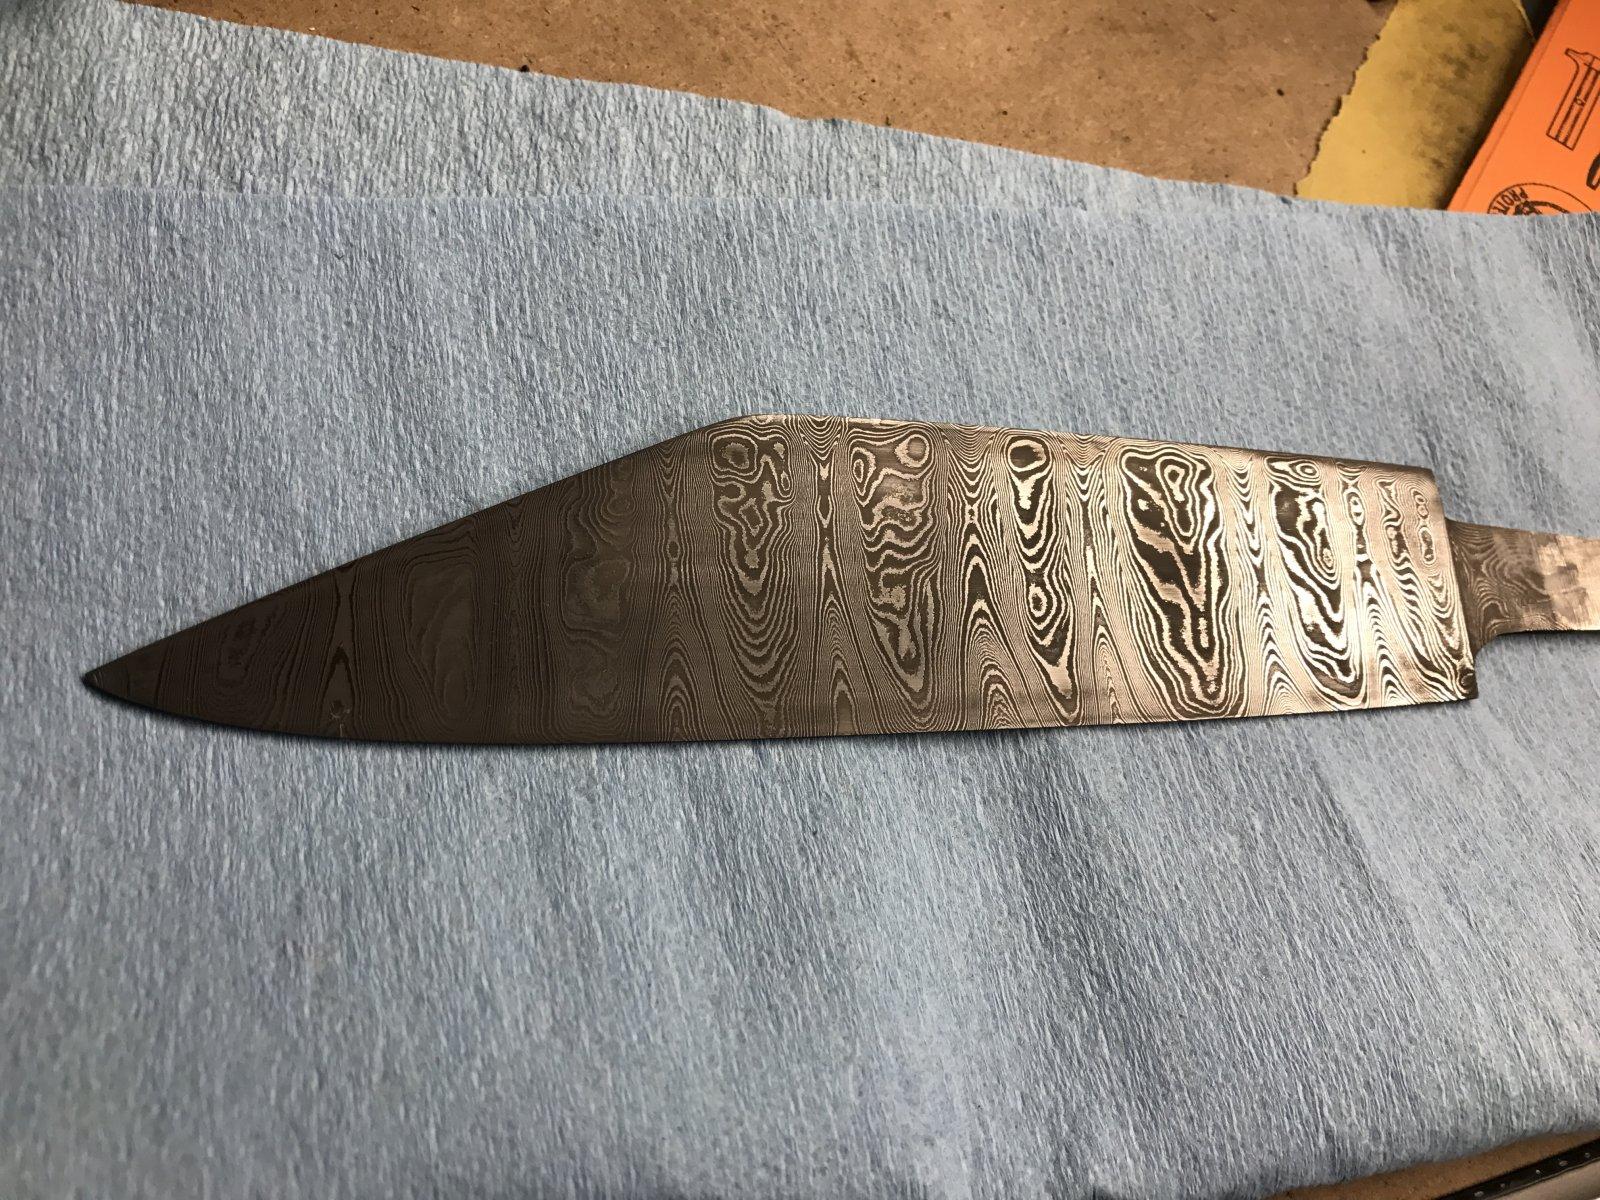 Damascus Seax Blade